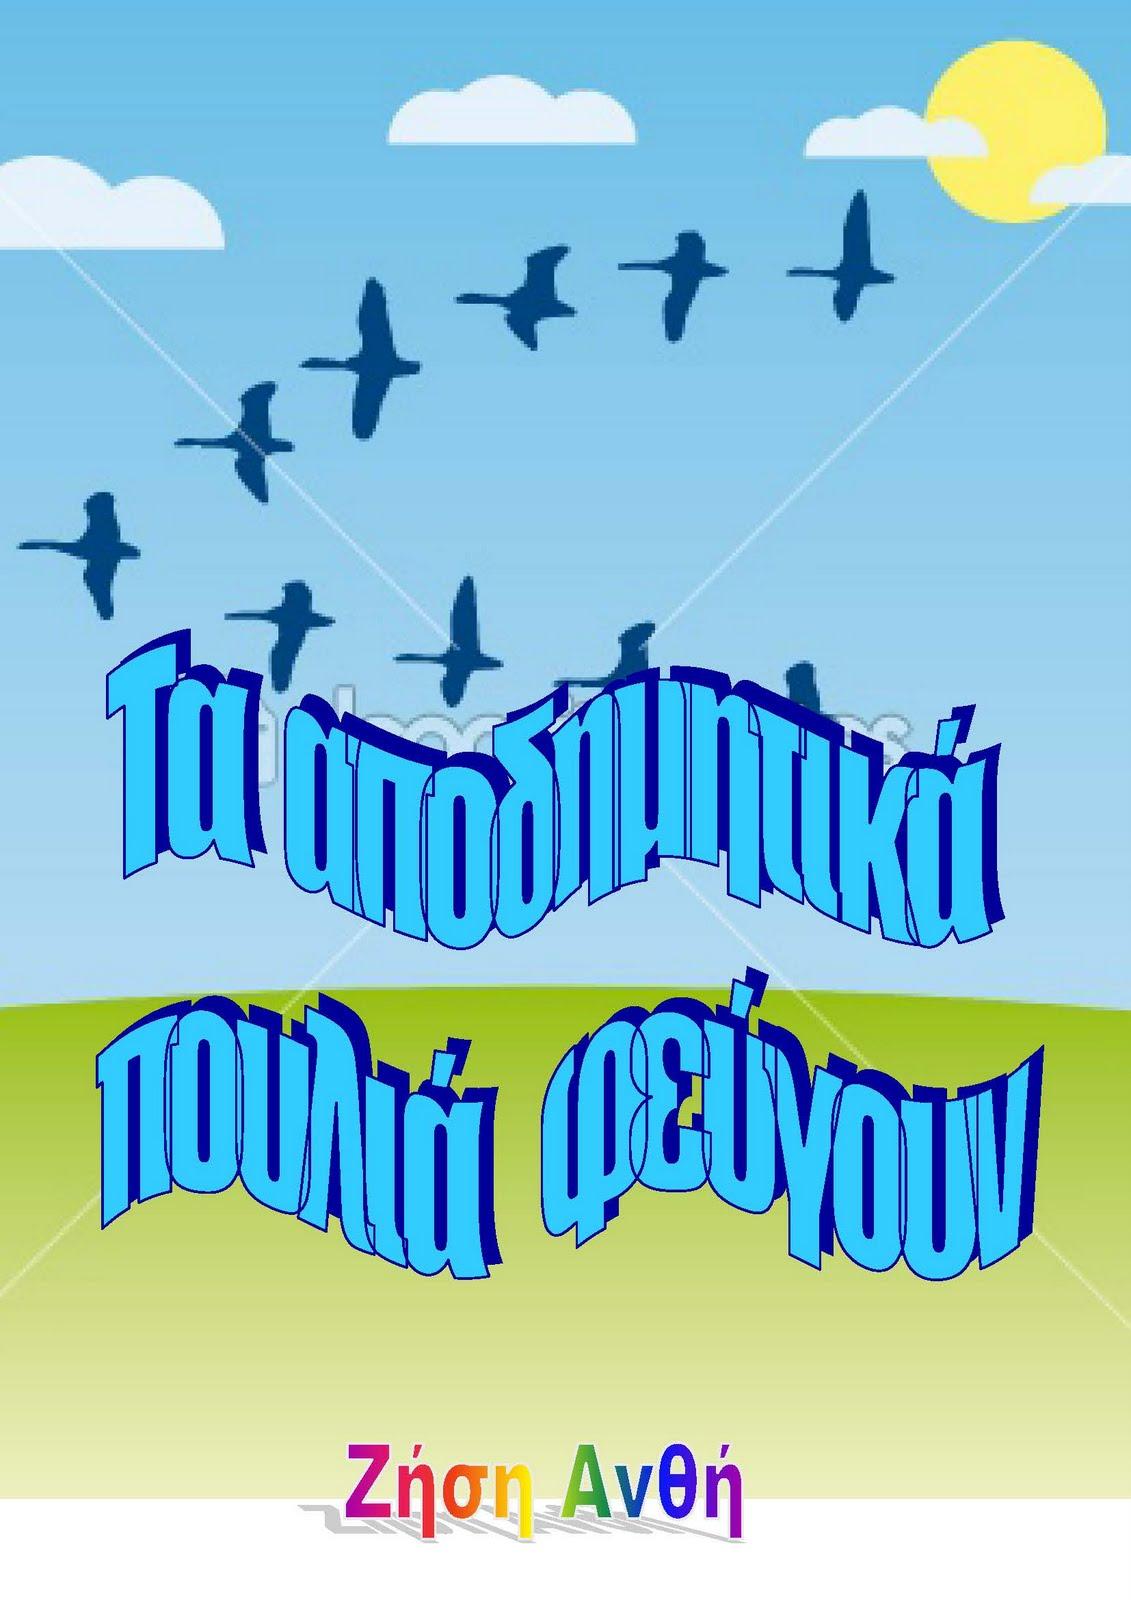 Τα αποδημητικά πουλιά φεύγουν